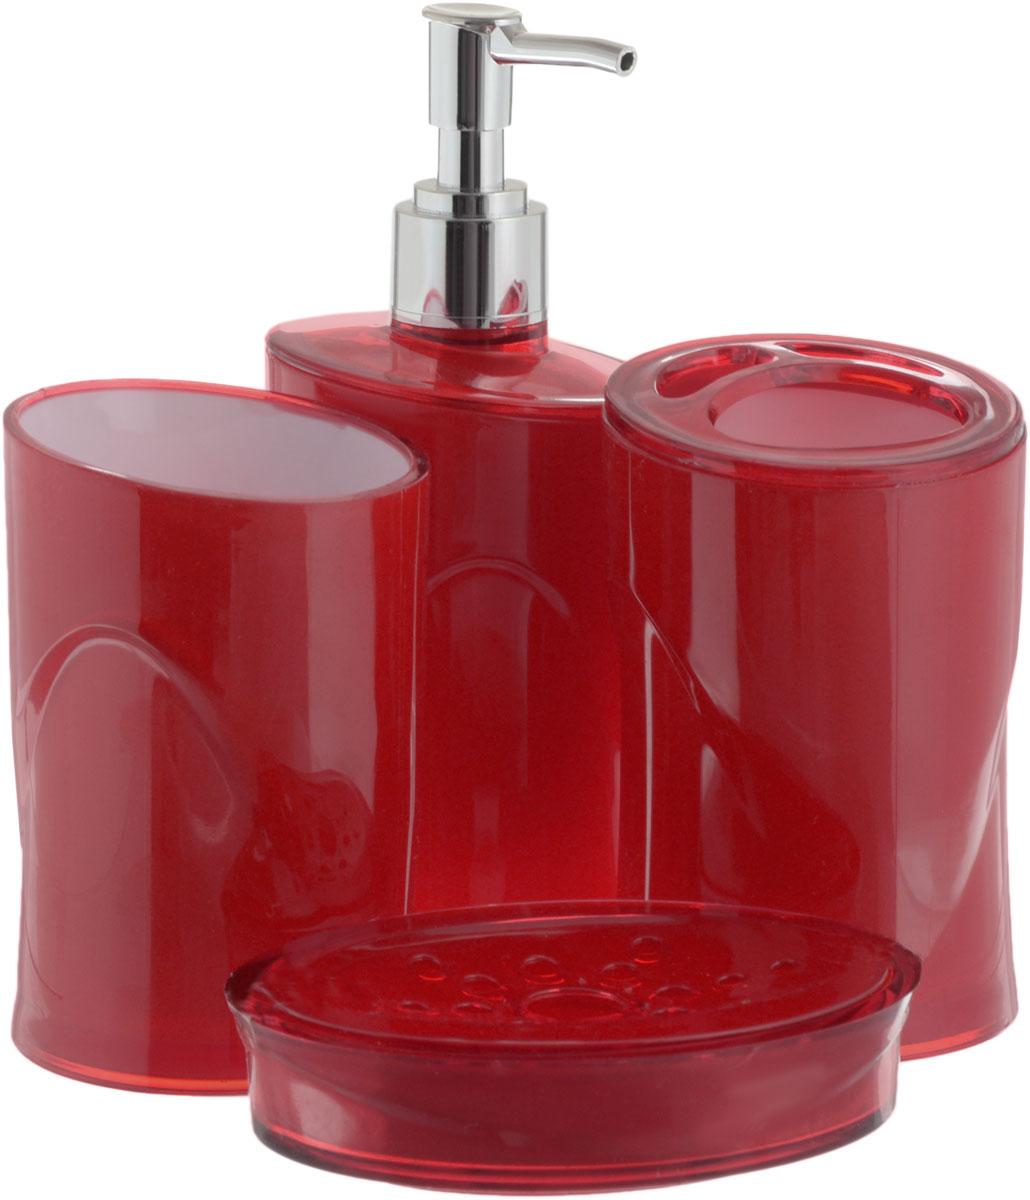 Набор для ванной комнаты Indecor, цвет: красный, 4 предмета22270306Набор для ванной комнаты Indecor состоит из стакана, стакана для зубных щеток, дозатора для жидкого мыла и мыльницы. Стаканы, дозатор и мыльница изготовлены из высококачественного пластика. Аксессуары, входящие в набор Indecor, выполняют не только практическую, но и декоративную функцию. Они способны внести в помещение изысканность, сделать пребывание в нем приятным и даже незабываемым. Размер стаканов: 7 х 7 х 11 см.Объем стаканов: 300 мл.Размер дозатора: 7 х 7 х 17,5 см. Объем дозатора: 300 мл.Размер мыльницы: 11,5 х 9 х 3 см.